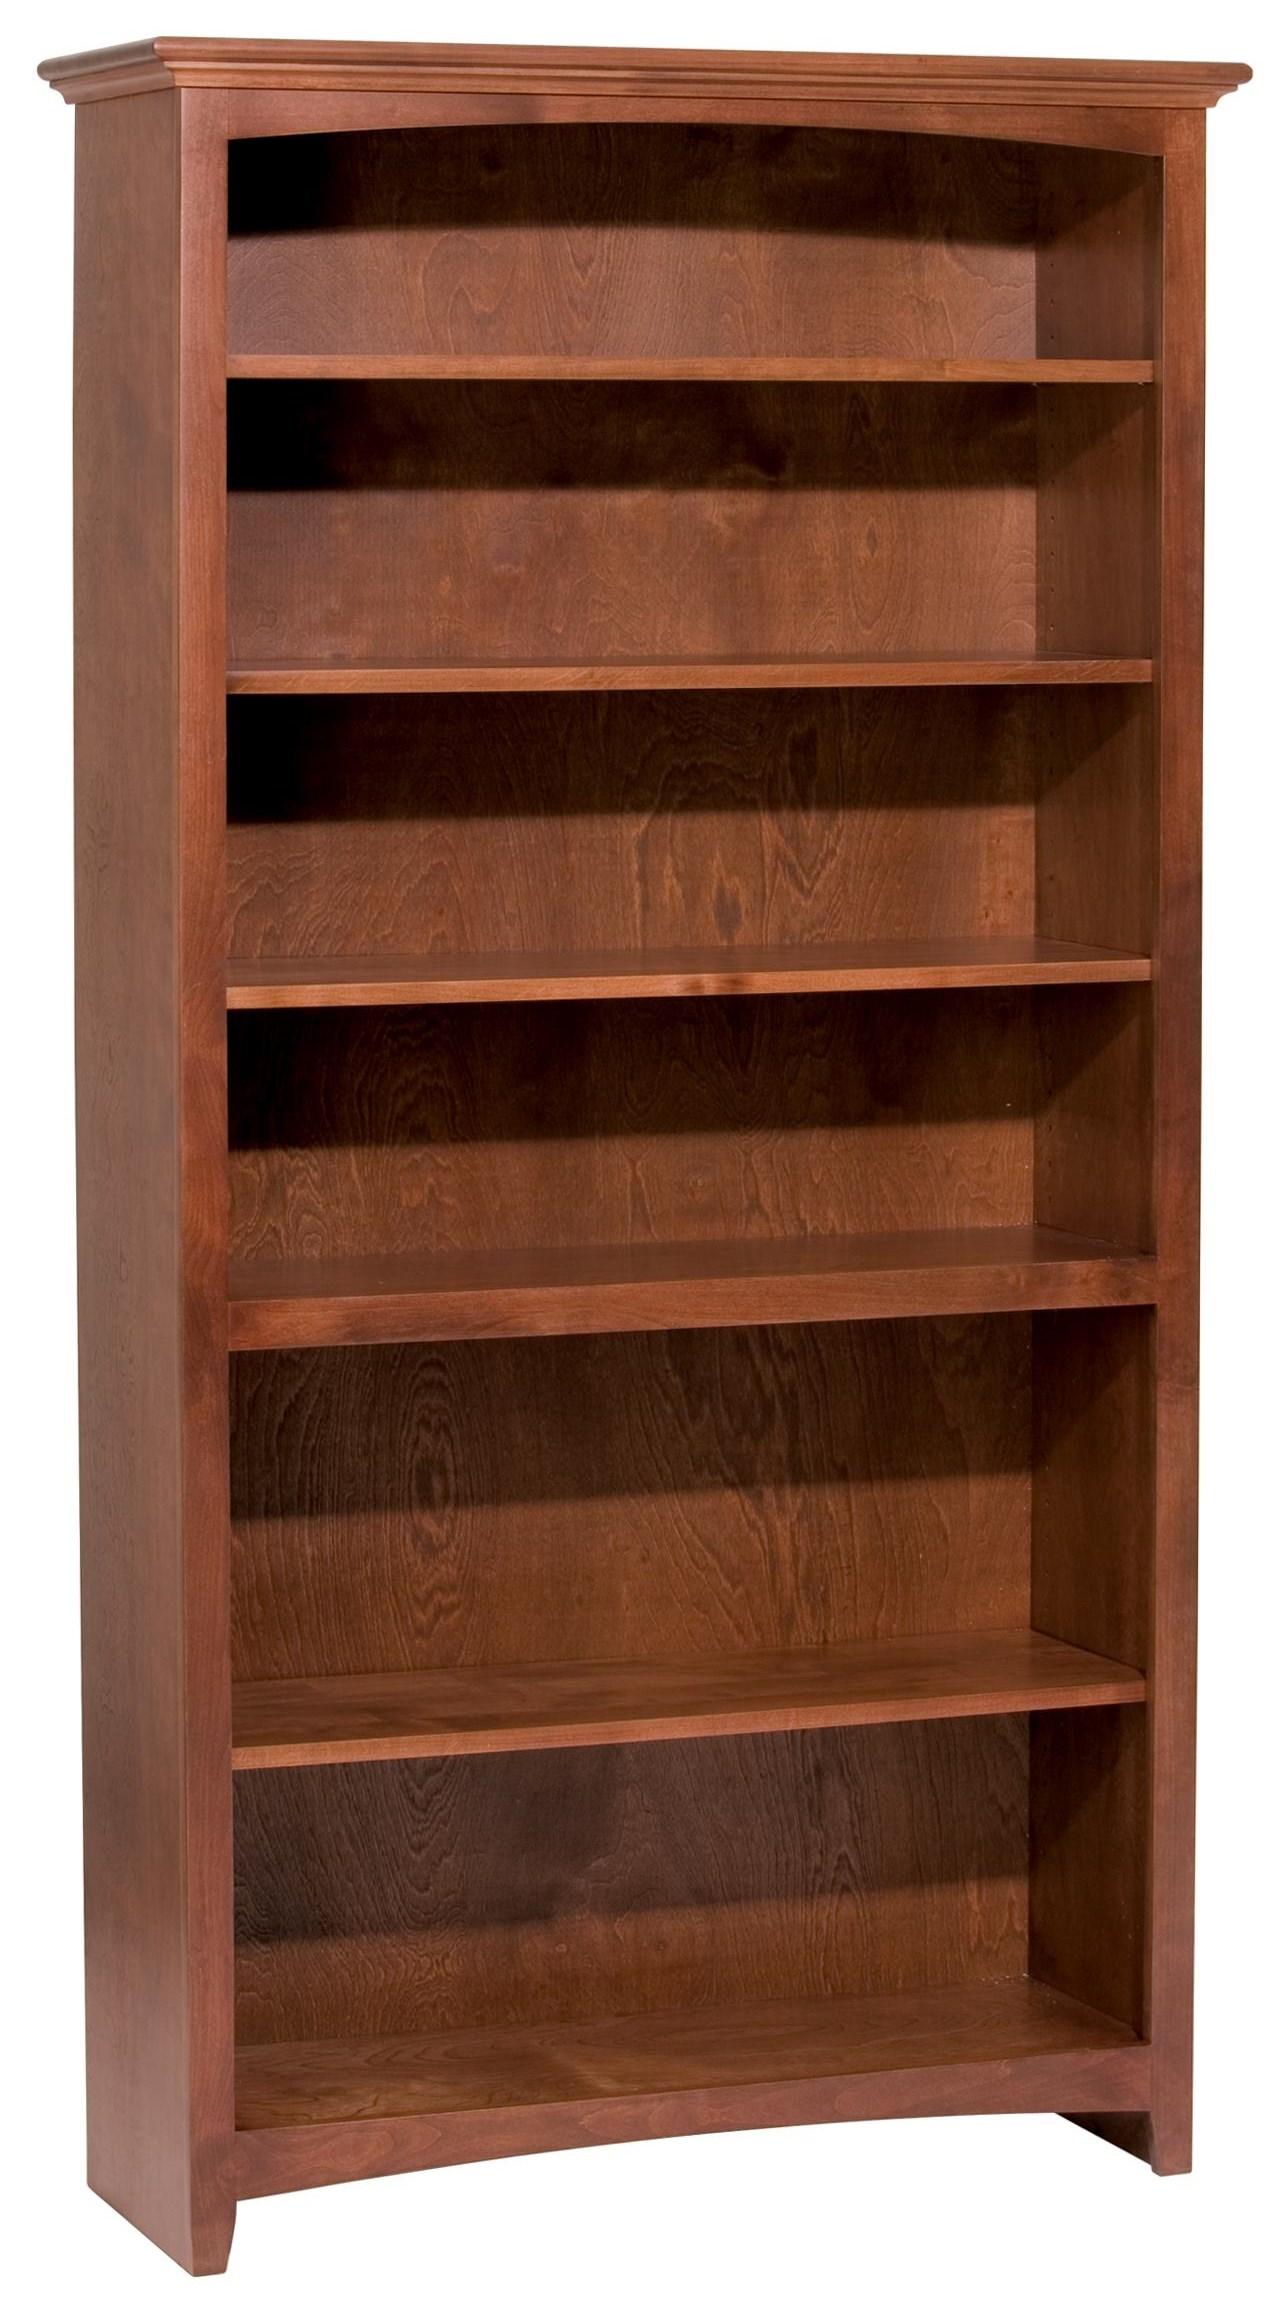 McKenzie Bookcase by Whittier Wood at Crowley Furniture & Mattress